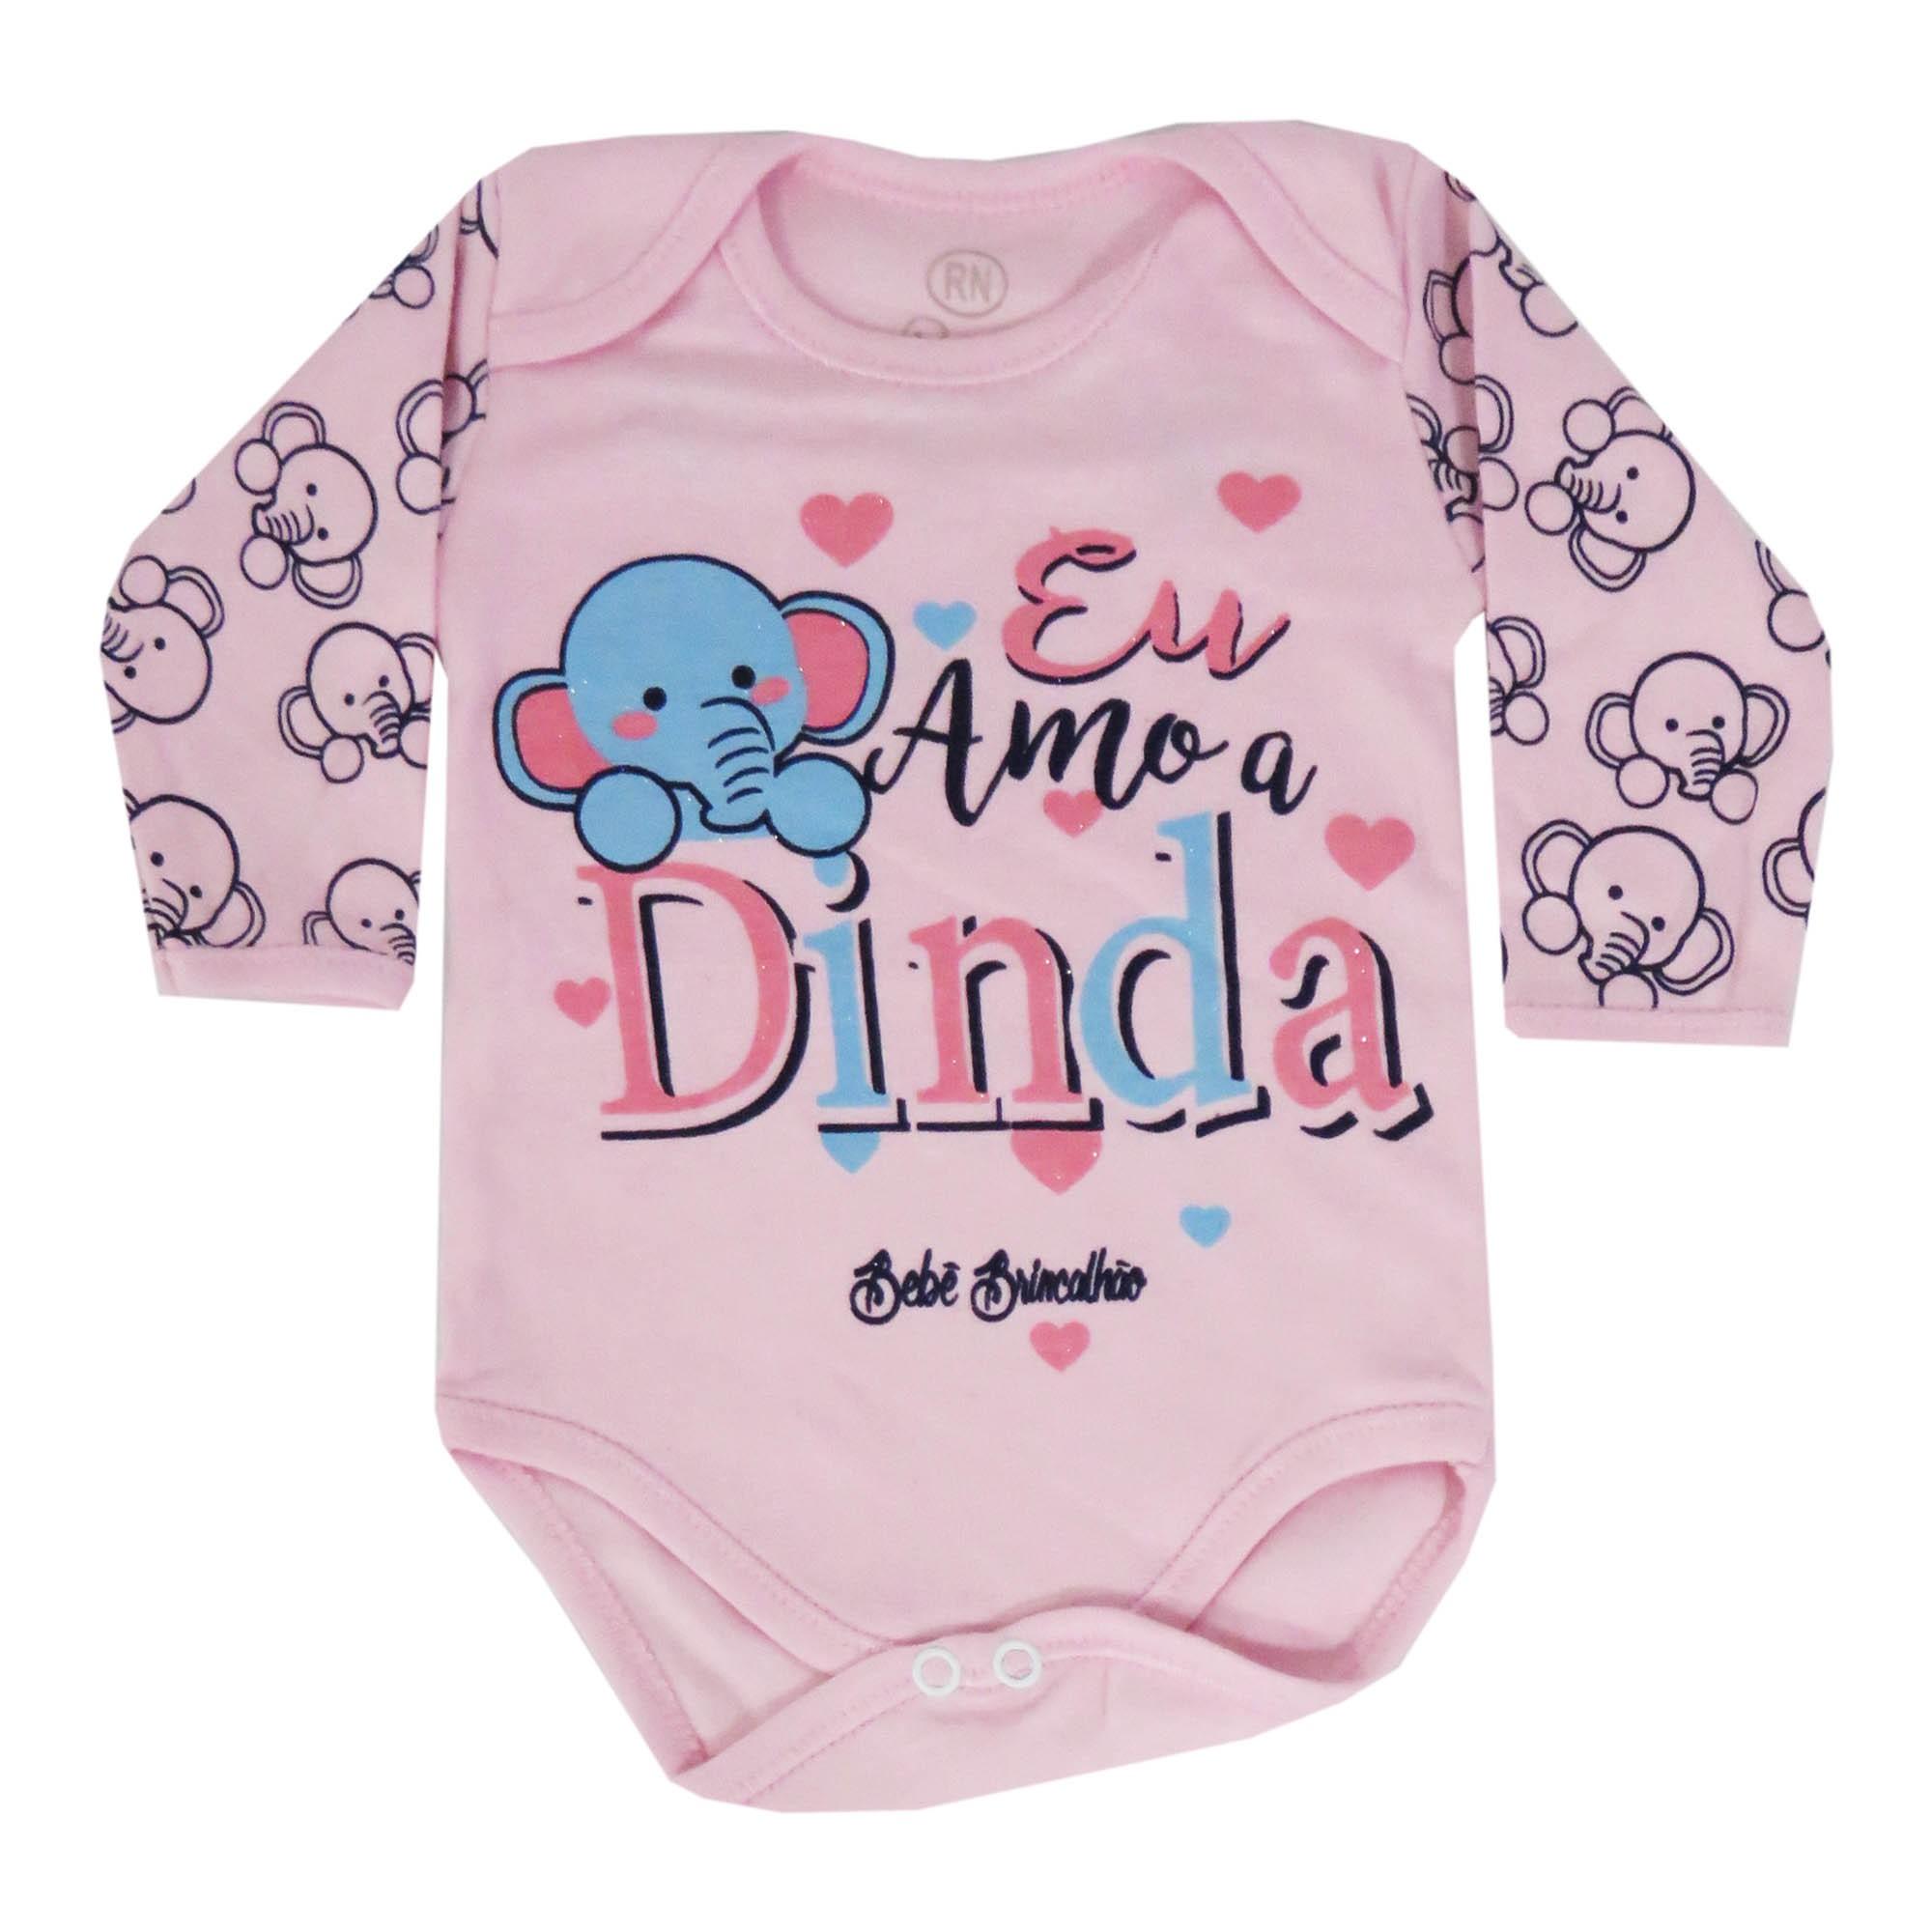 Body Bebê Brincalhão Estampa Eu Amo a Dinda - RN ao M